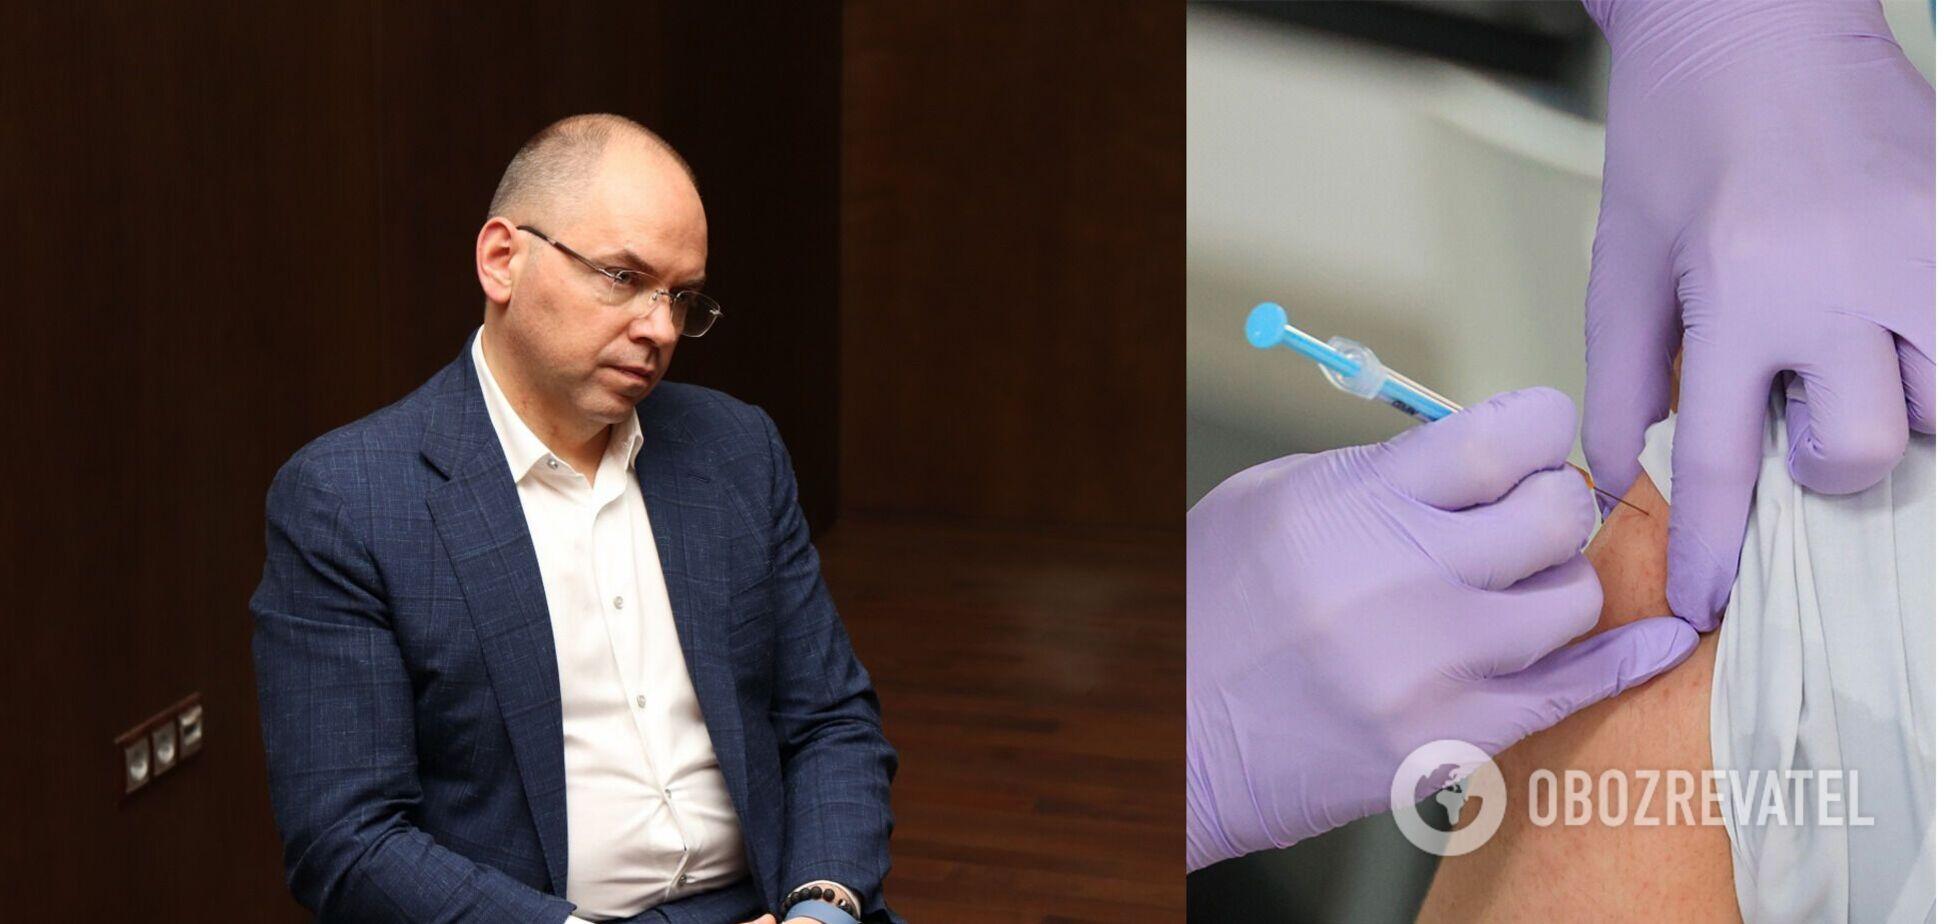 Степанов назвав кількість вакцинованих в Україні за два дня і пояснив, чому не хочуть робити щеплення